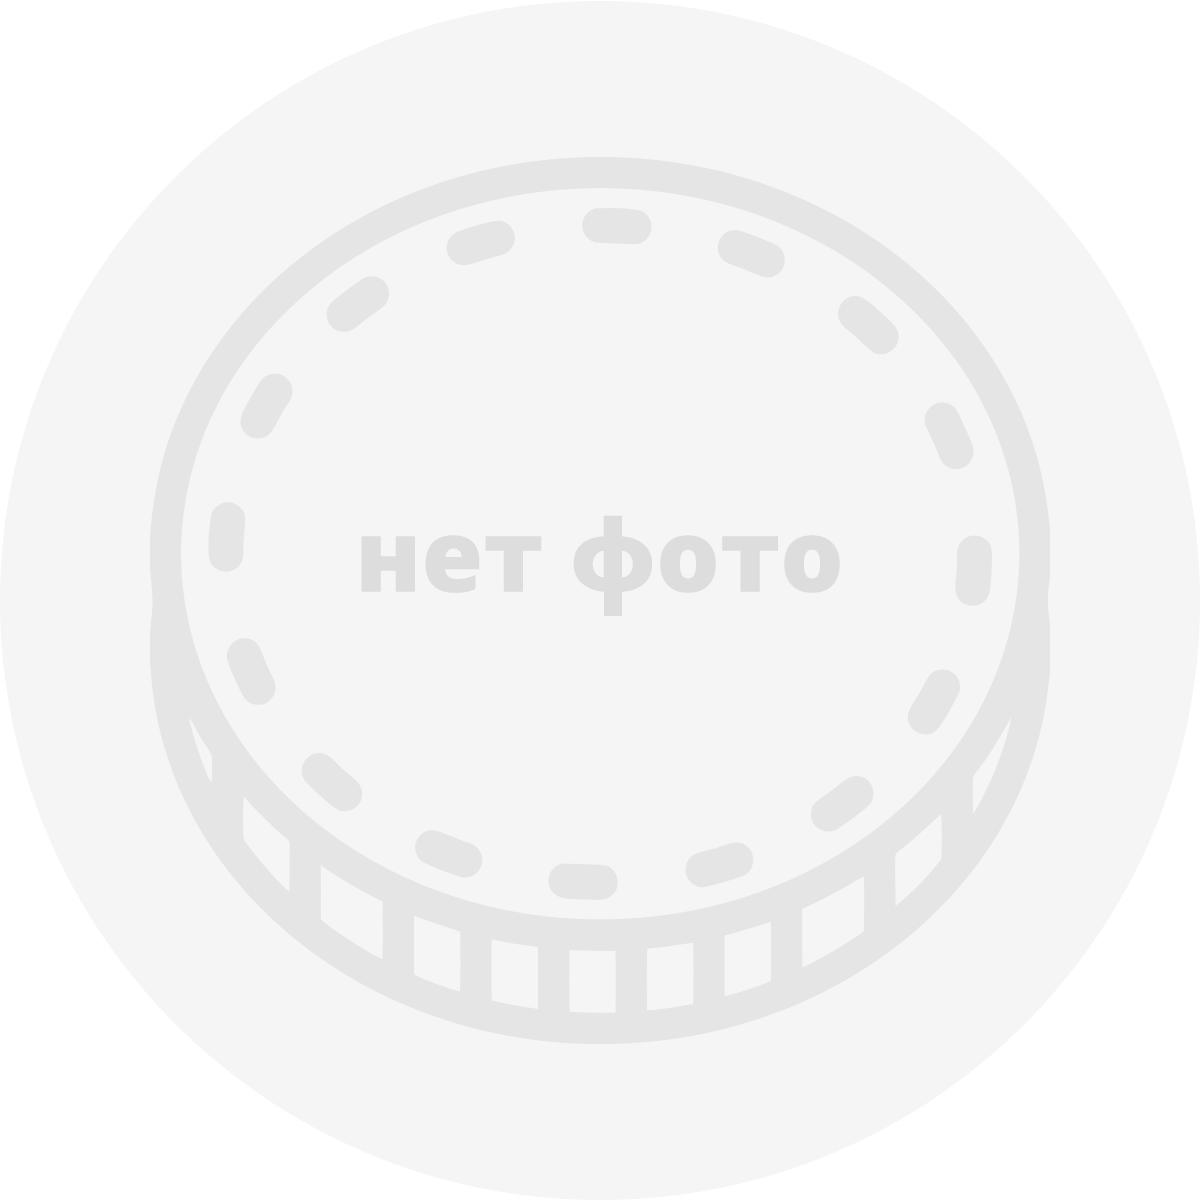 Богемия и Моравия, 10 гелеров (1943 г.)